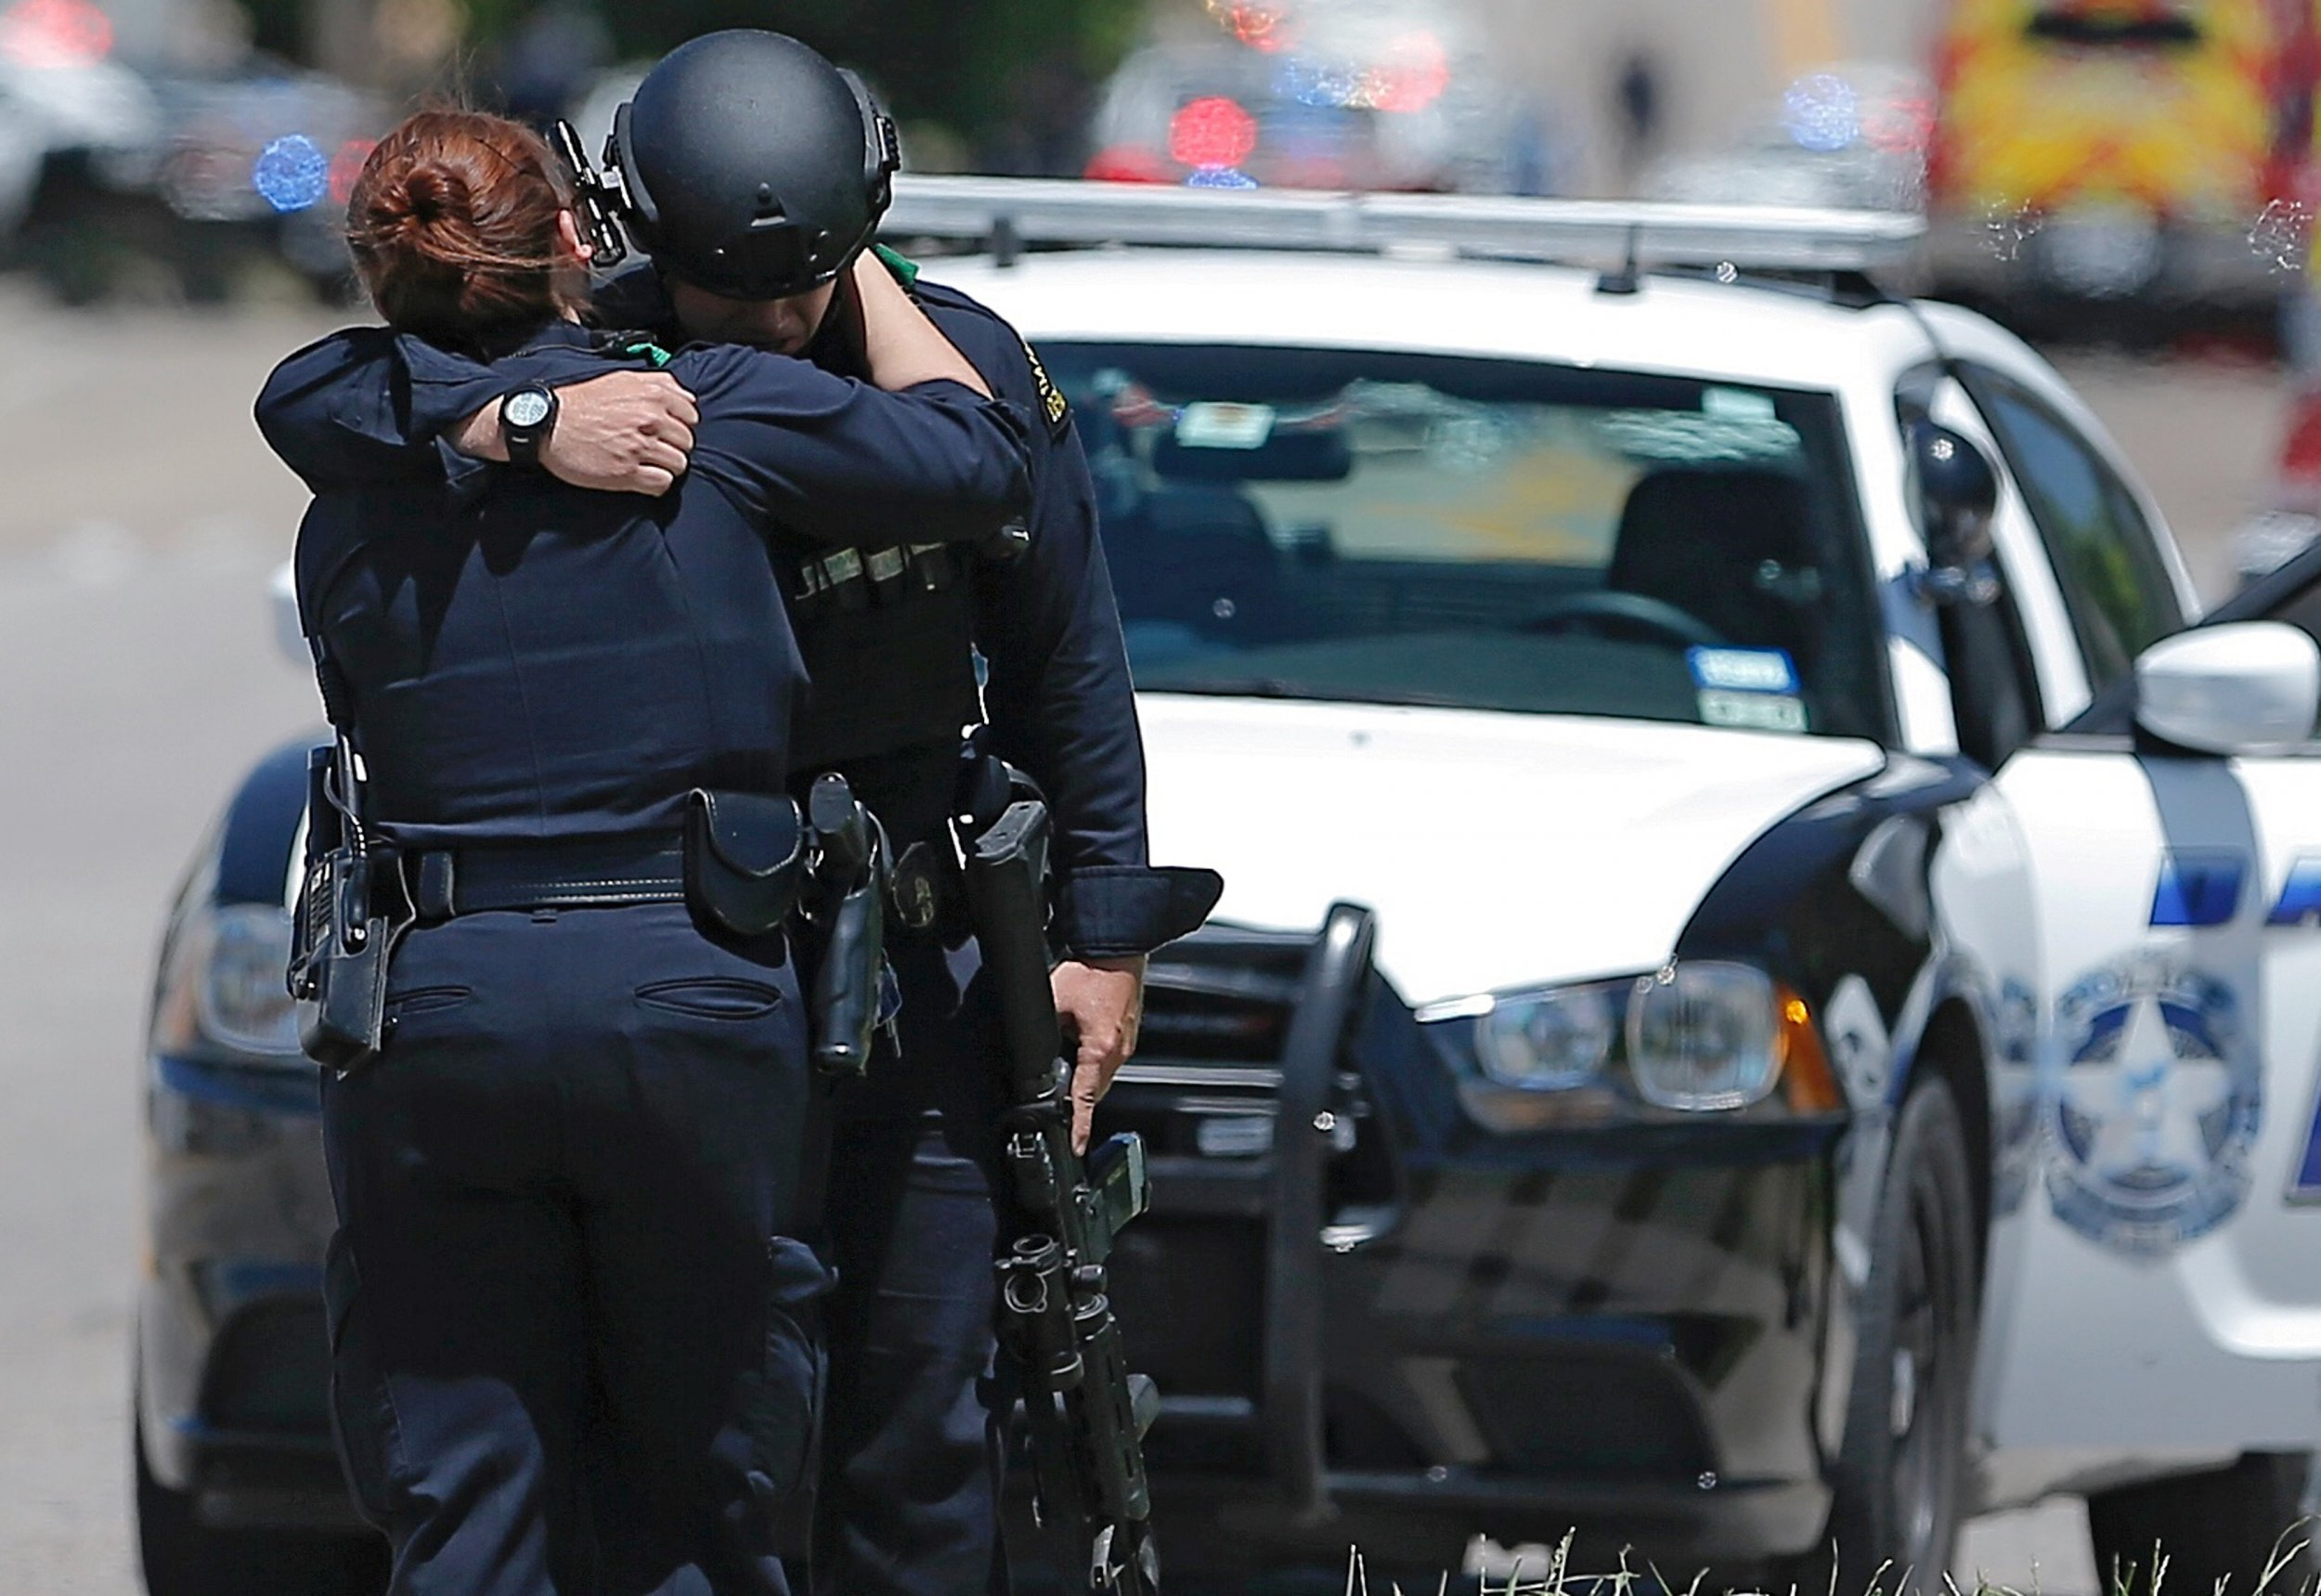 05_10_Police_Shooting_01